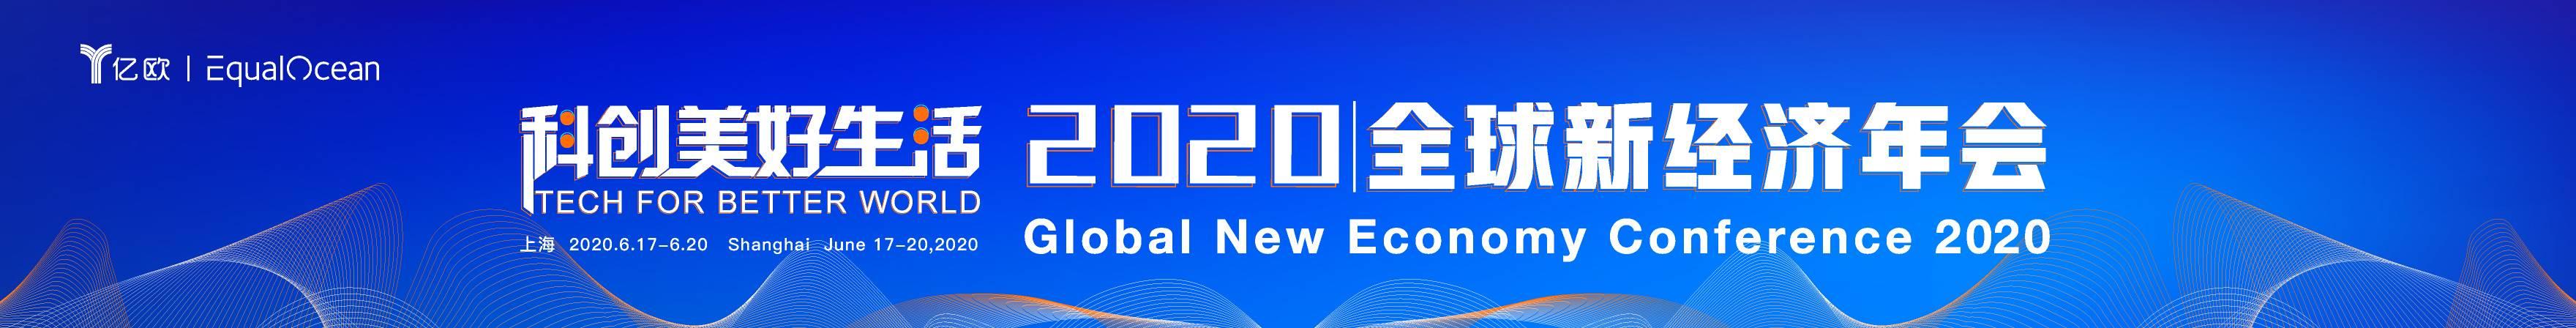 科創美好生活 - 2020全球新经济年会